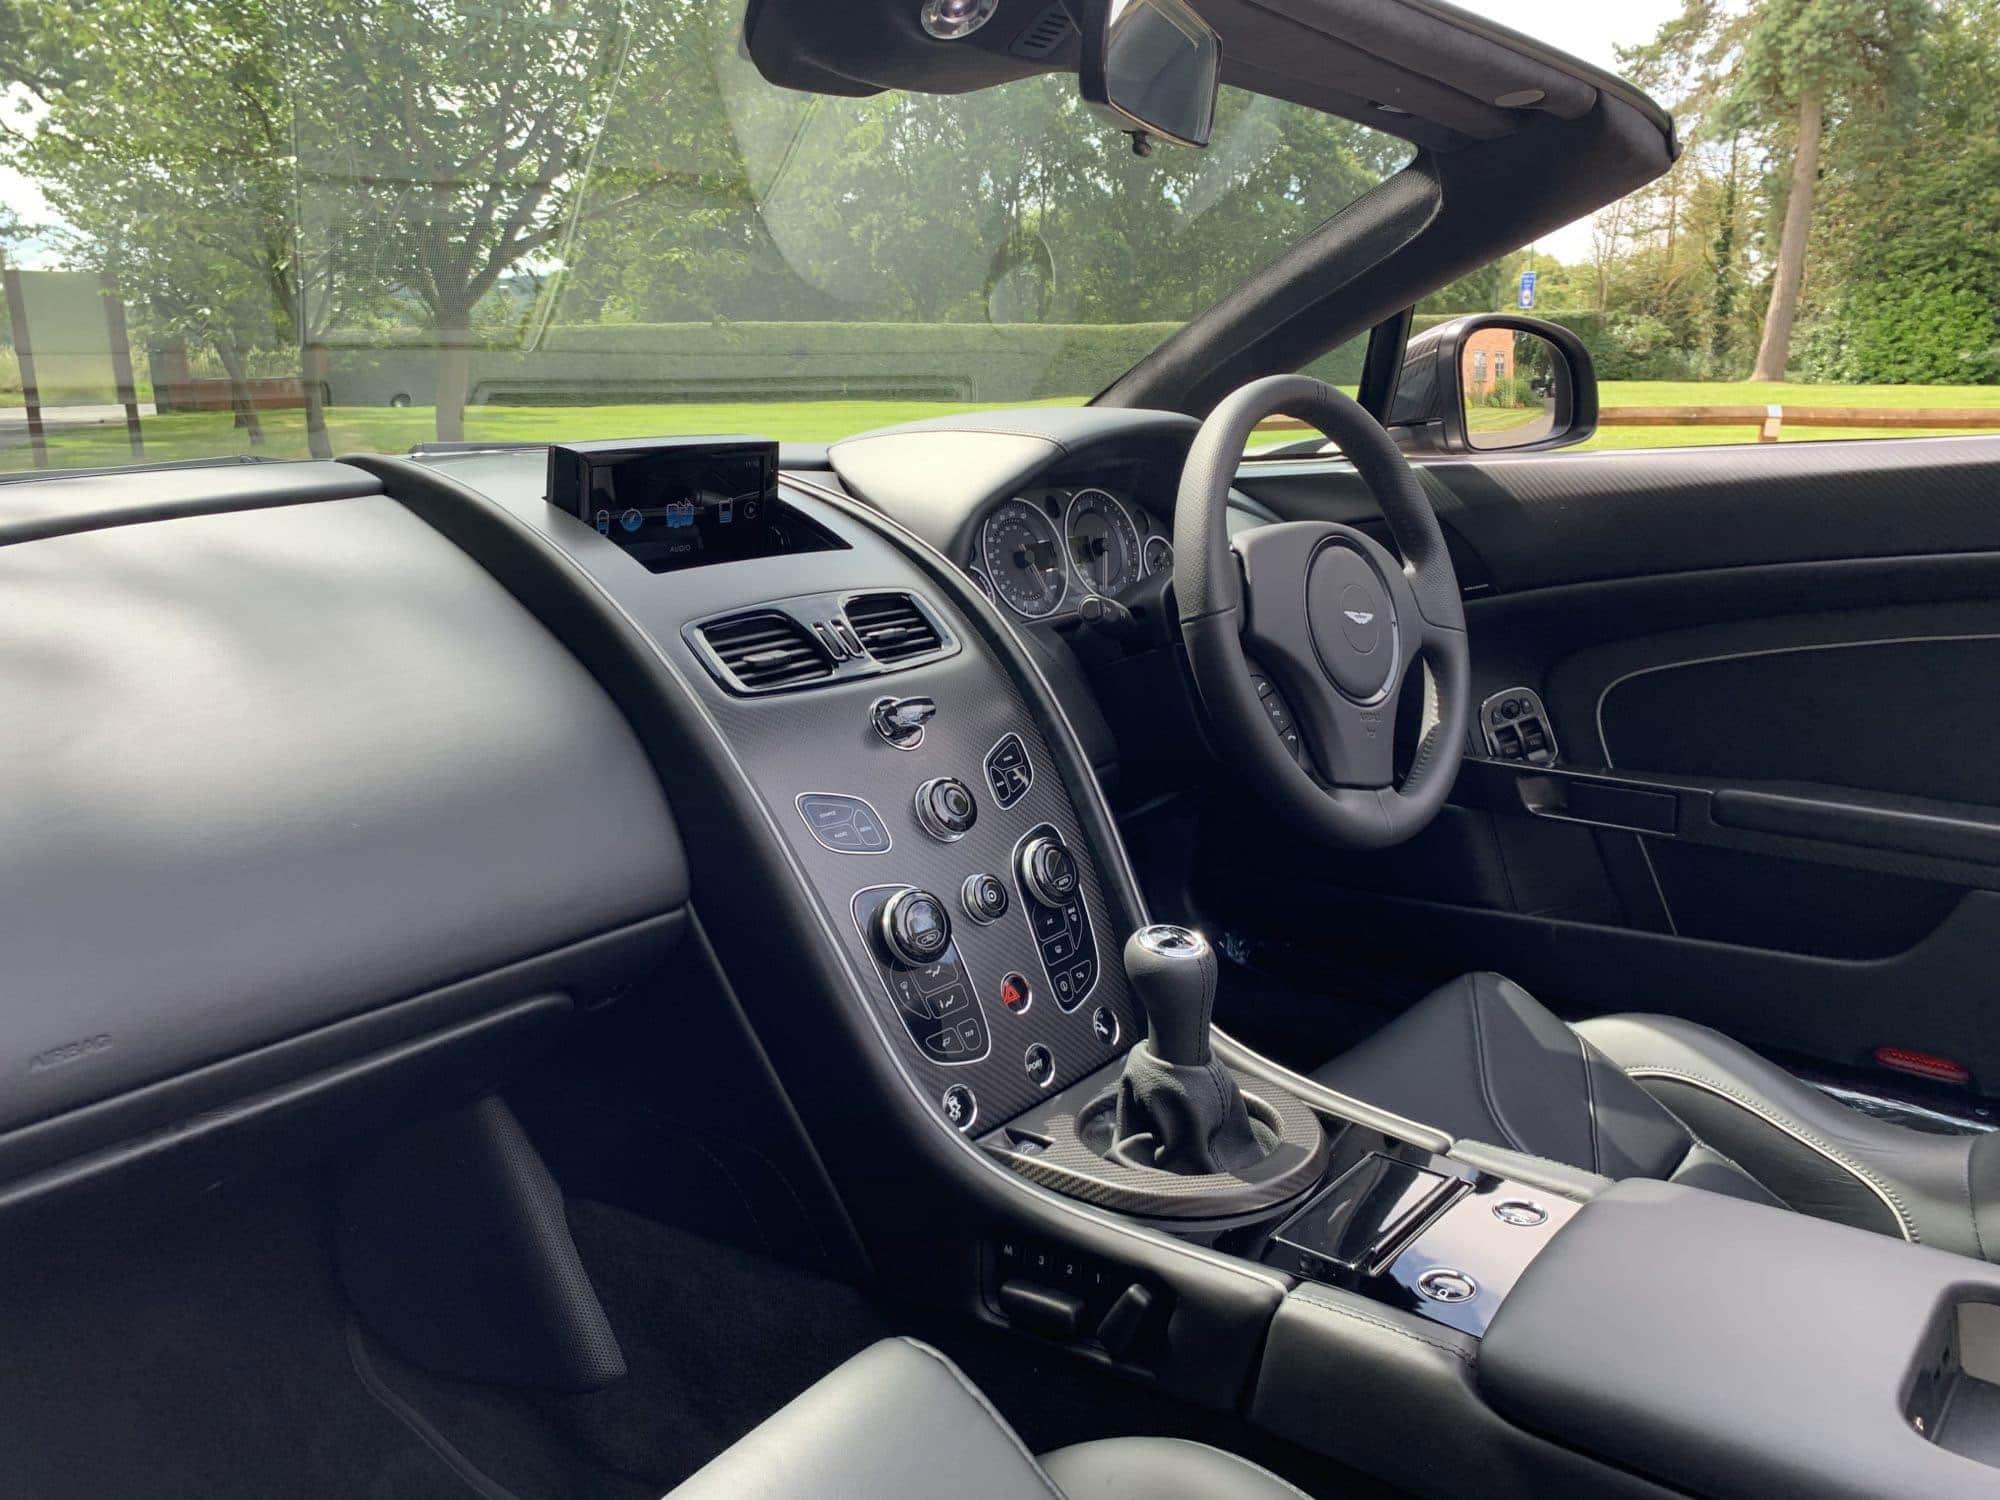 Aston Martin AMR V12 Vantage Roadster